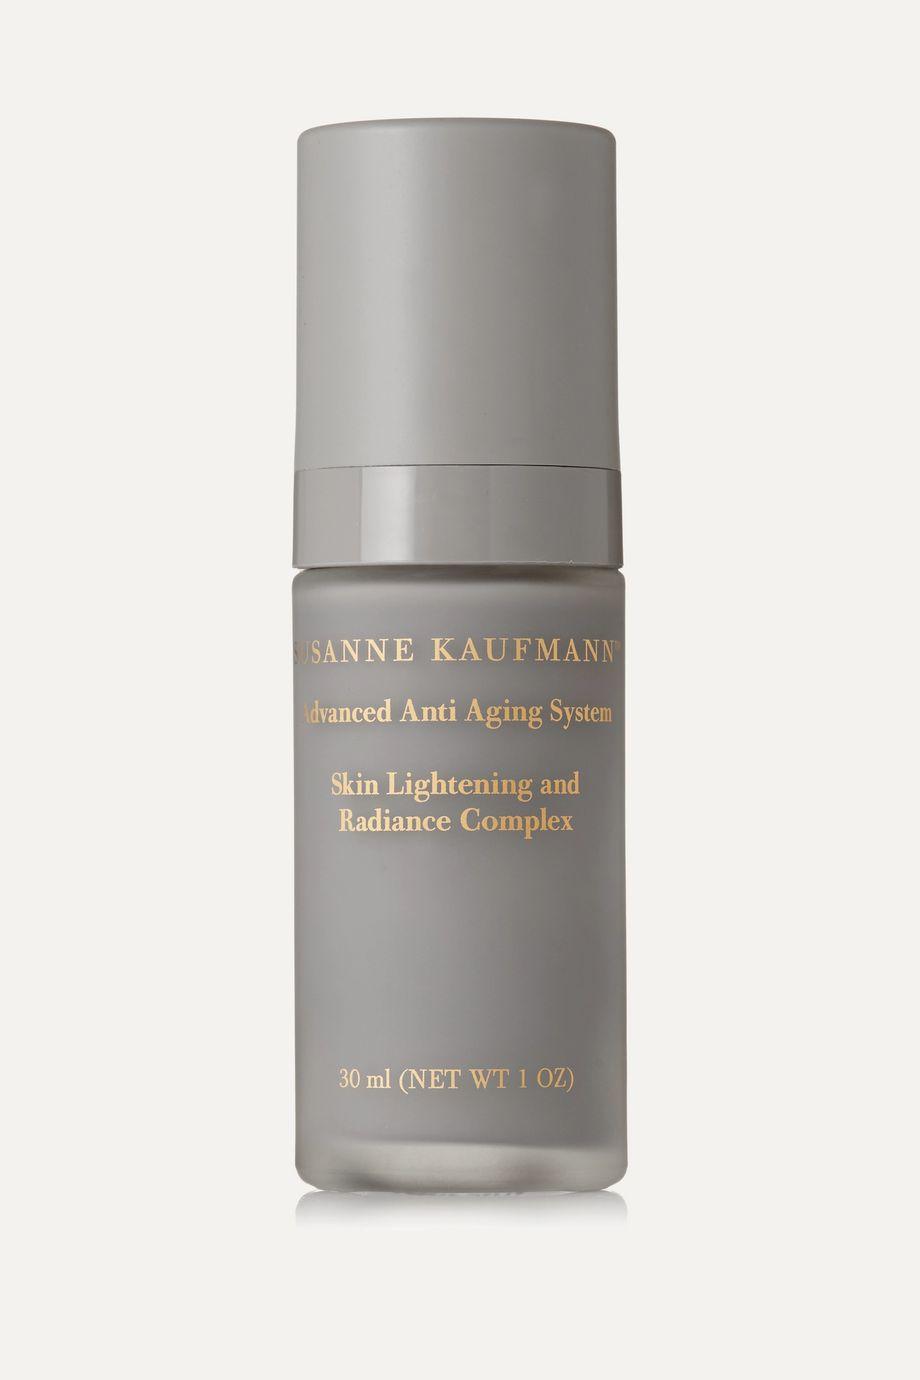 Susanne Kaufmann Skin Lightening and Radiance Complex, 30 ml – Serum